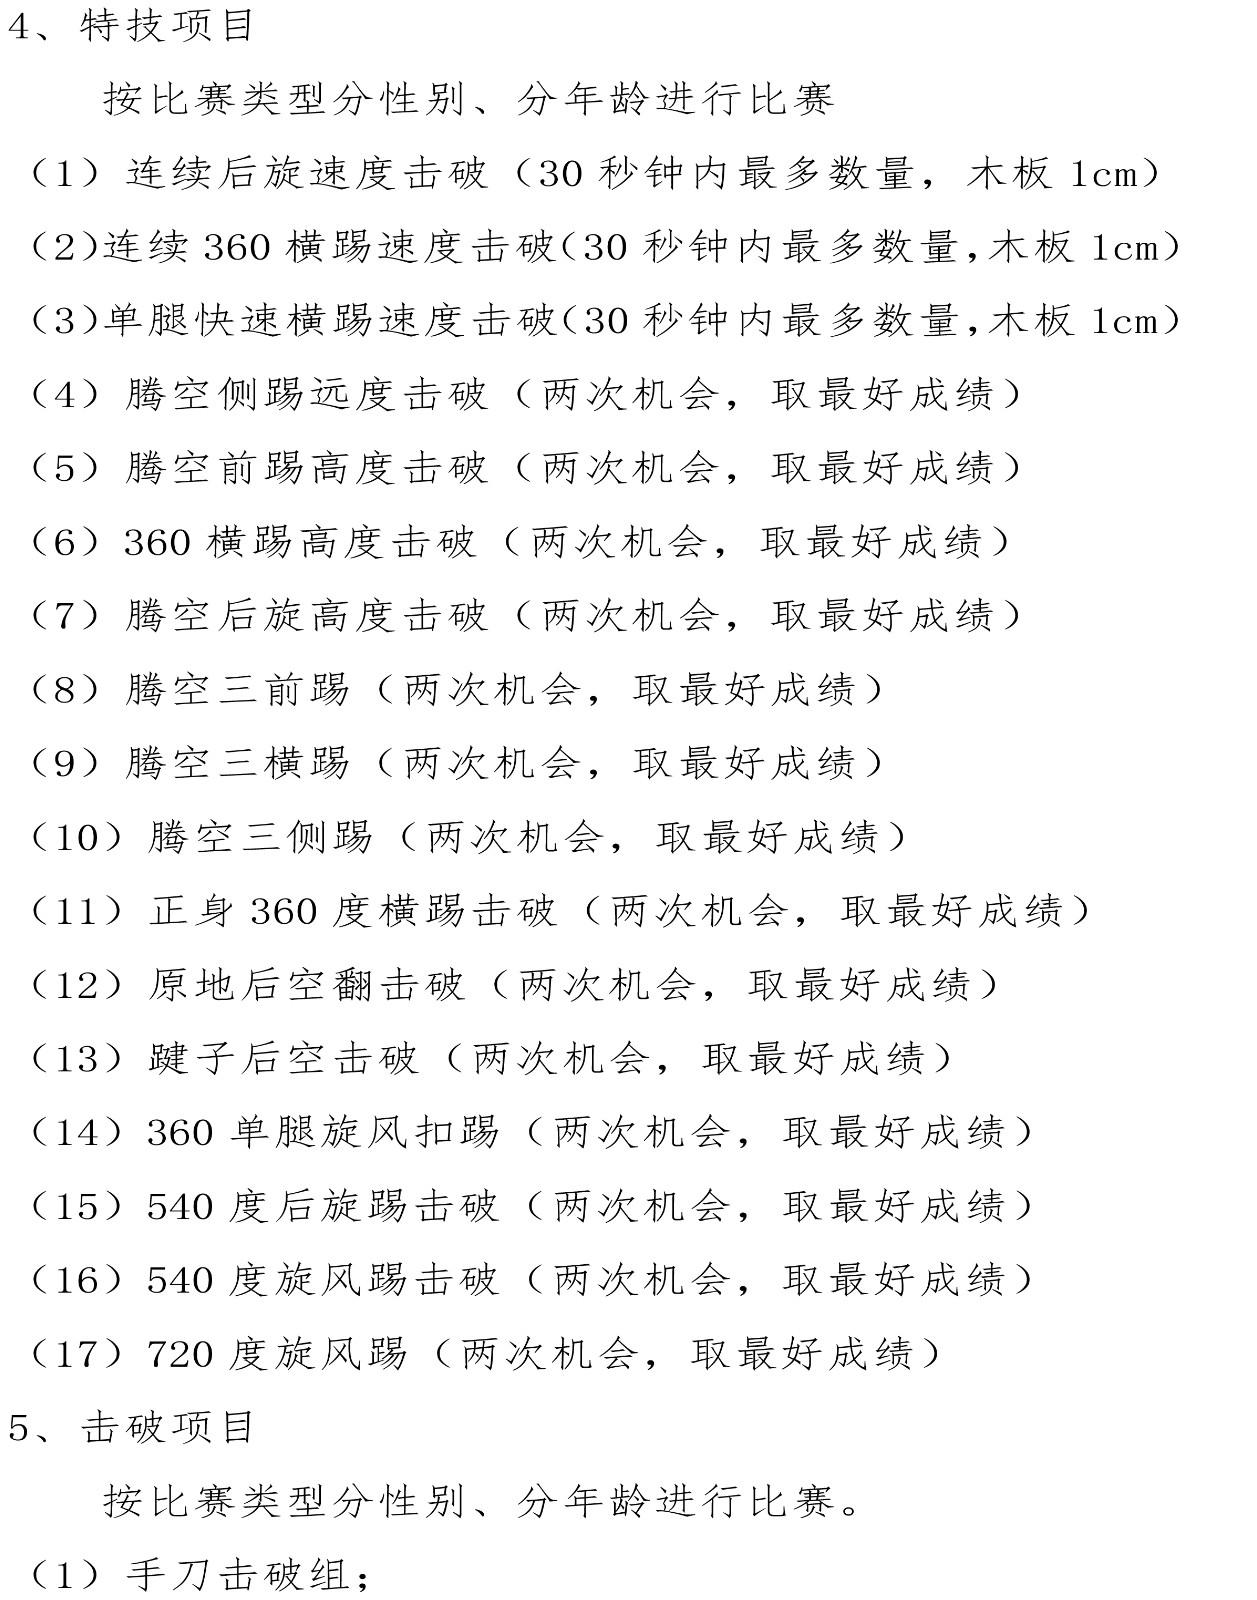 2020 年全国体育学校联合会青少儿跆拳道巡回赛四川站竞赛规程-6